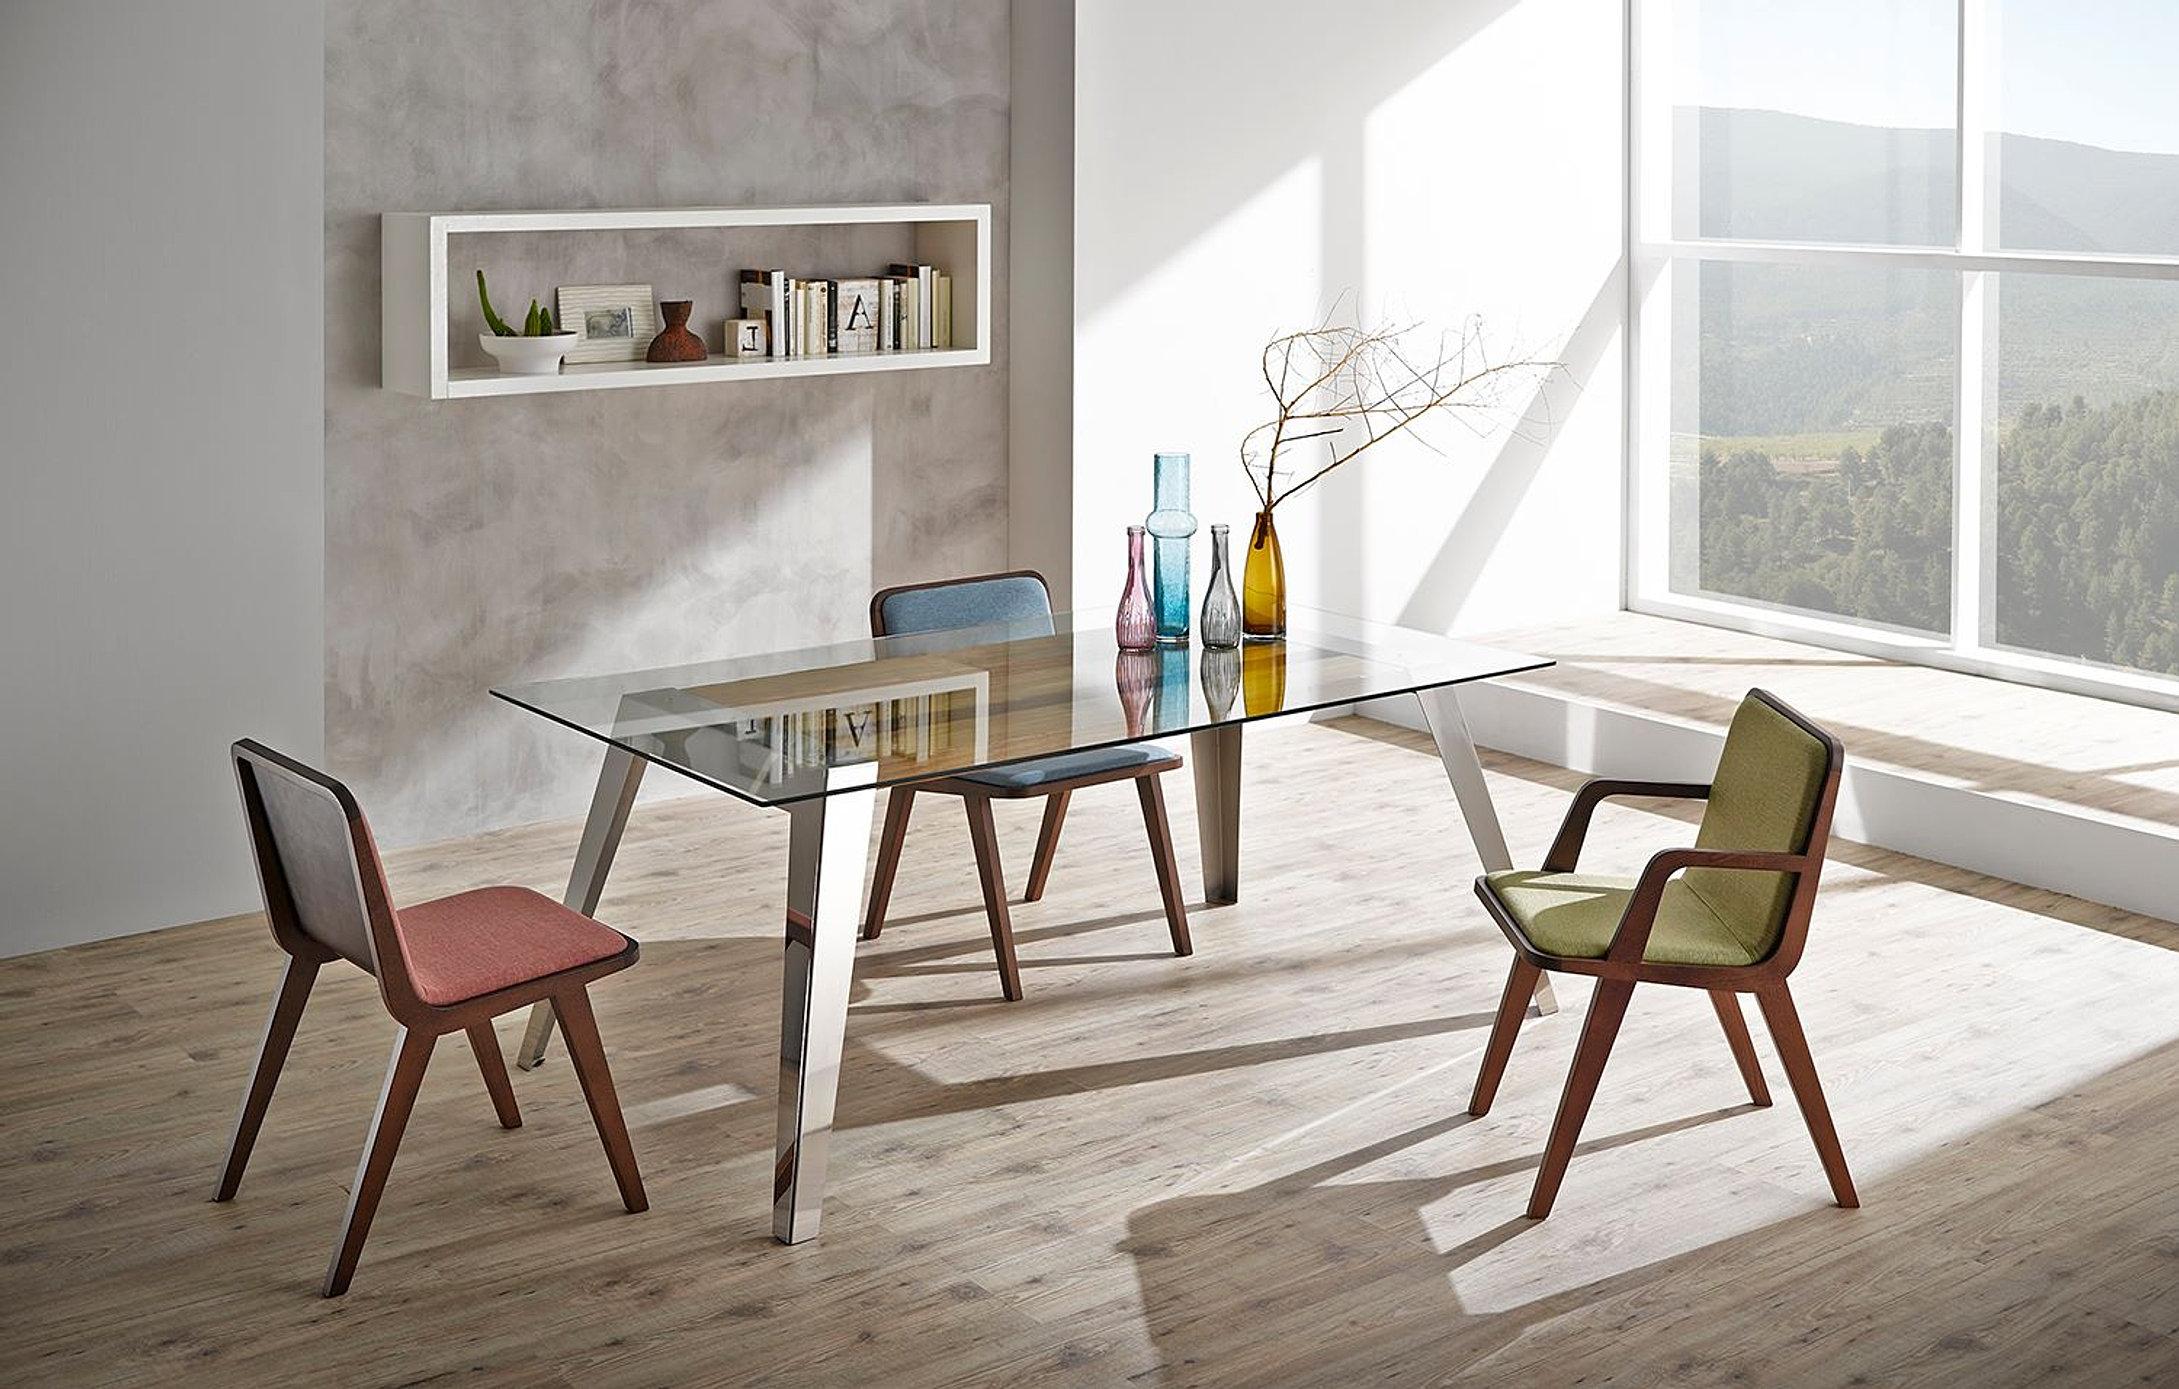 Mesas de comedor contempor neas tienda de muebles monen madrid - Mesas de comedor madrid ...